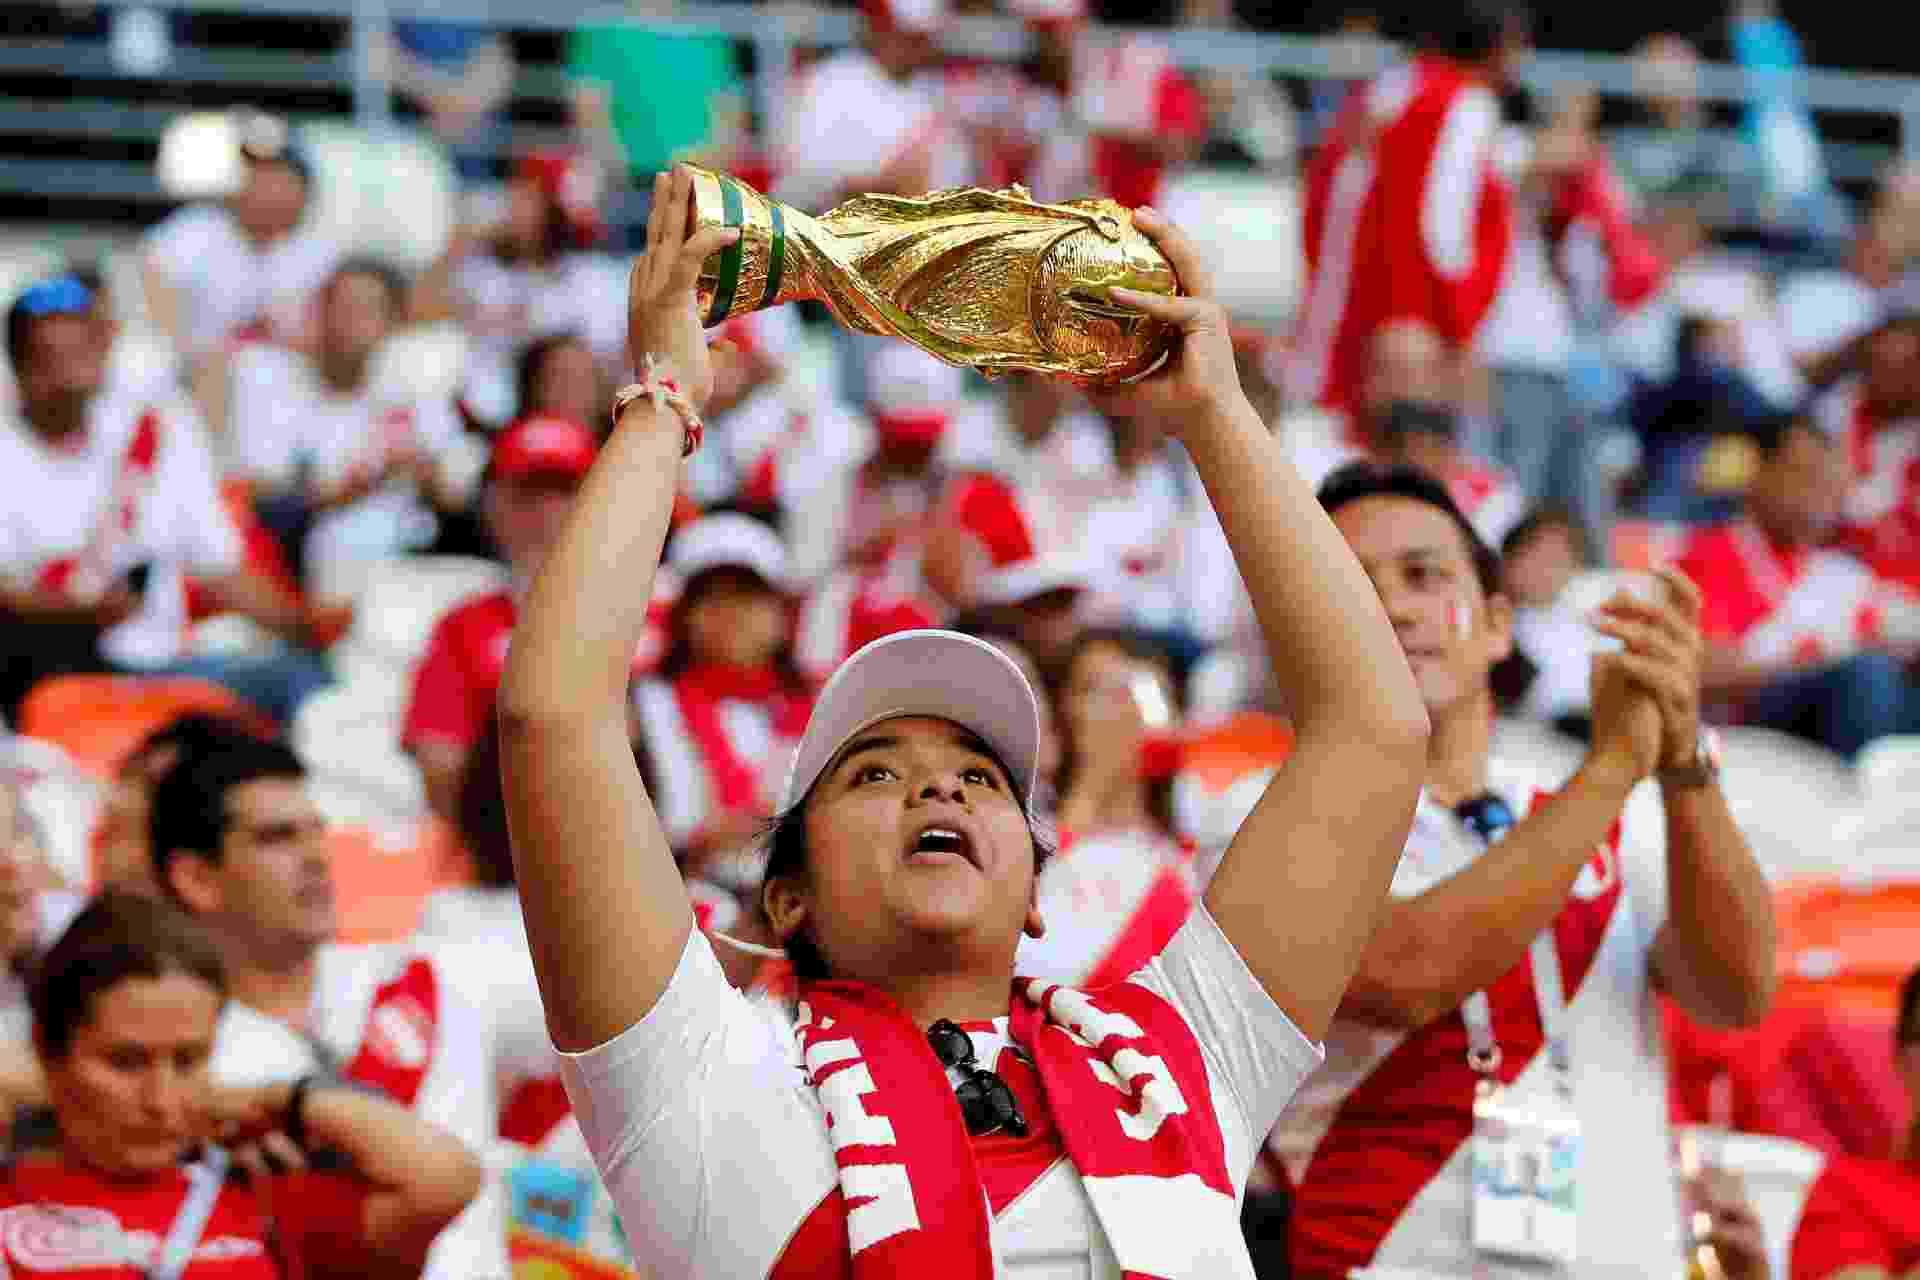 Torcedora do Peru ergue réplica de taça da Copa do Mundo antes de jogo contra a Dinamarca - Carlos Garcia Rawlins/Reuters